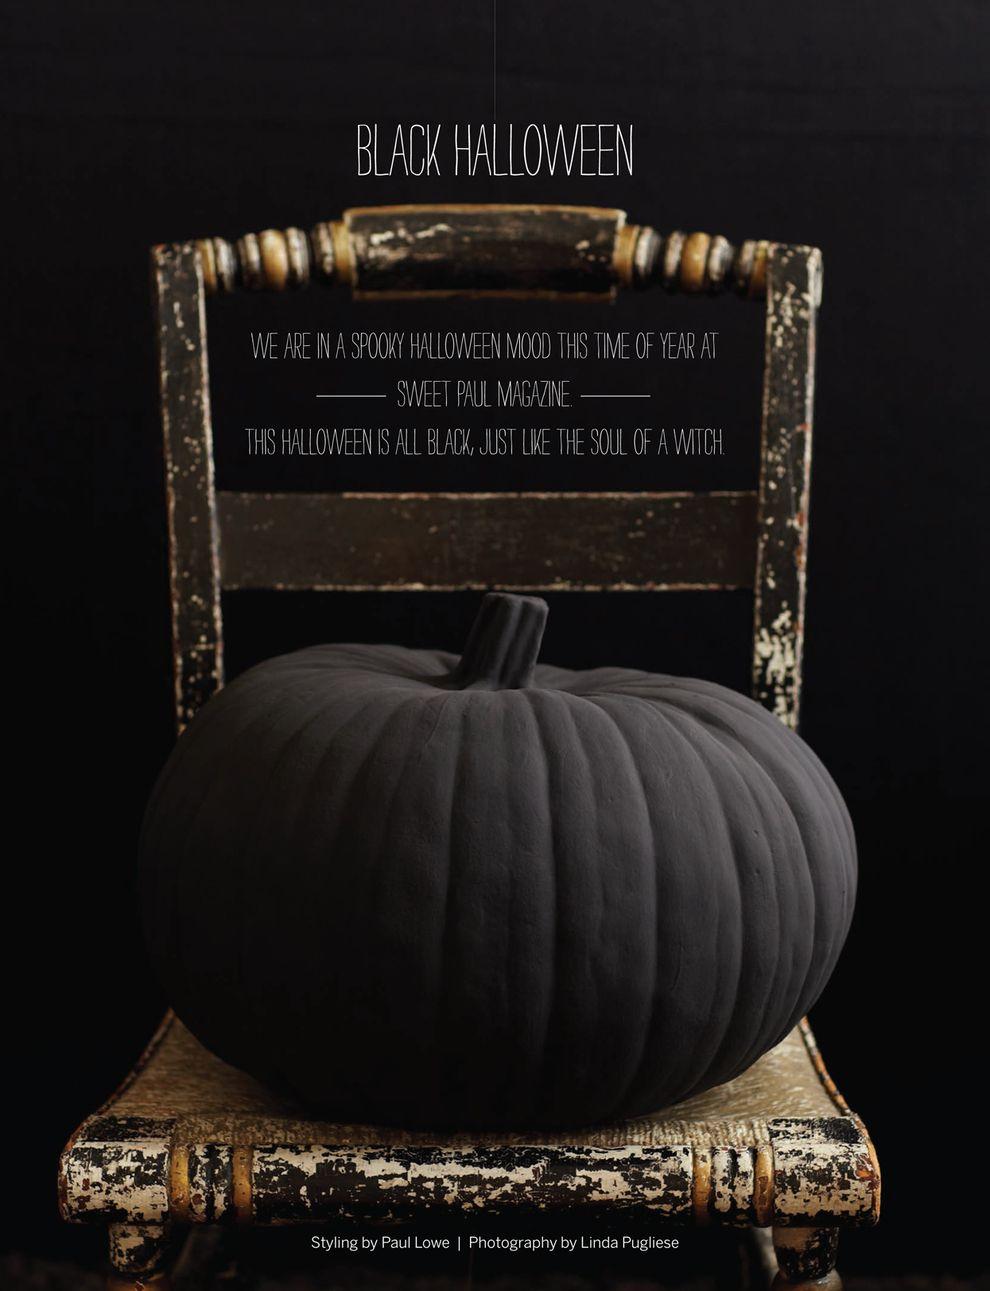 Spooky!  Black painted pumpkins.